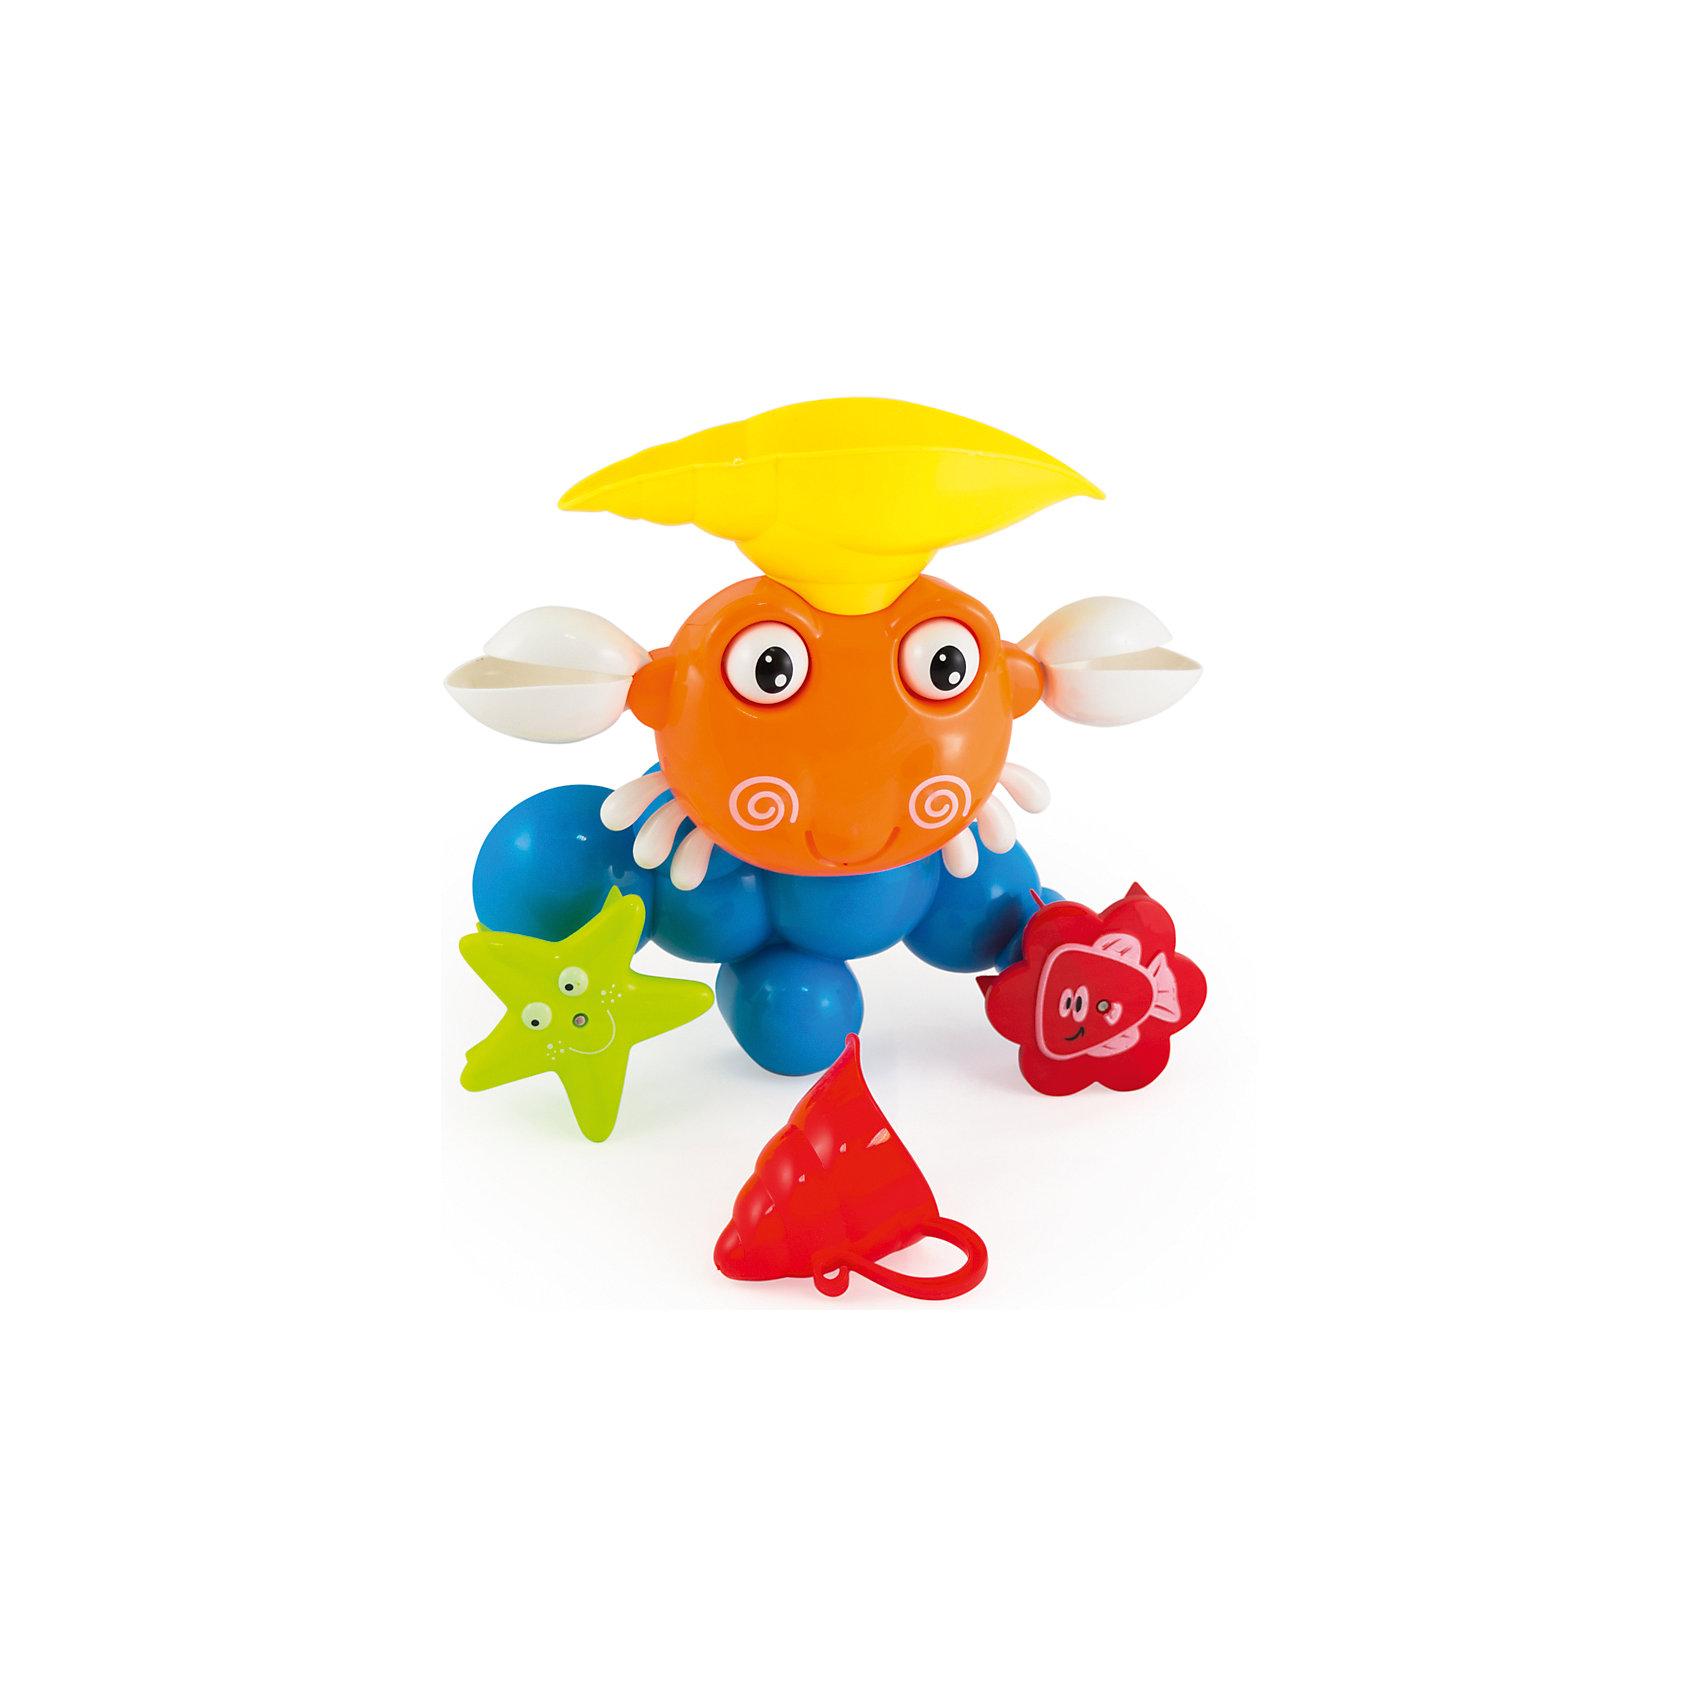 Игрушка для ванны Краб, PicnMixИгровые наборы<br>Краб от PicnMix- яркая развивающая игрушка для ванны. Возьмите черпачок в виде ракушки, наберите в него воды и вылейте на голову краба. Все подвижные элементы игрушки тут же начнут крутиться, чем вызовут восторг у малыша. Краб поможет развить мелкую моторику и понимание причинно-следственных связей. С игрушкой Краб купаться будет очень весело и интересно!<br><br>Дополнительная информация:<br>Батарейки не требуются<br>Материал: пластик<br><br>Игрушку для ванны Краб от PicnMix можно купить в нашем интернет-магазине.<br><br>Ширина мм: 330<br>Глубина мм: 100<br>Высота мм: 340<br>Вес г: 622<br>Возраст от месяцев: 18<br>Возраст до месяцев: 60<br>Пол: Унисекс<br>Возраст: Детский<br>SKU: 5008806